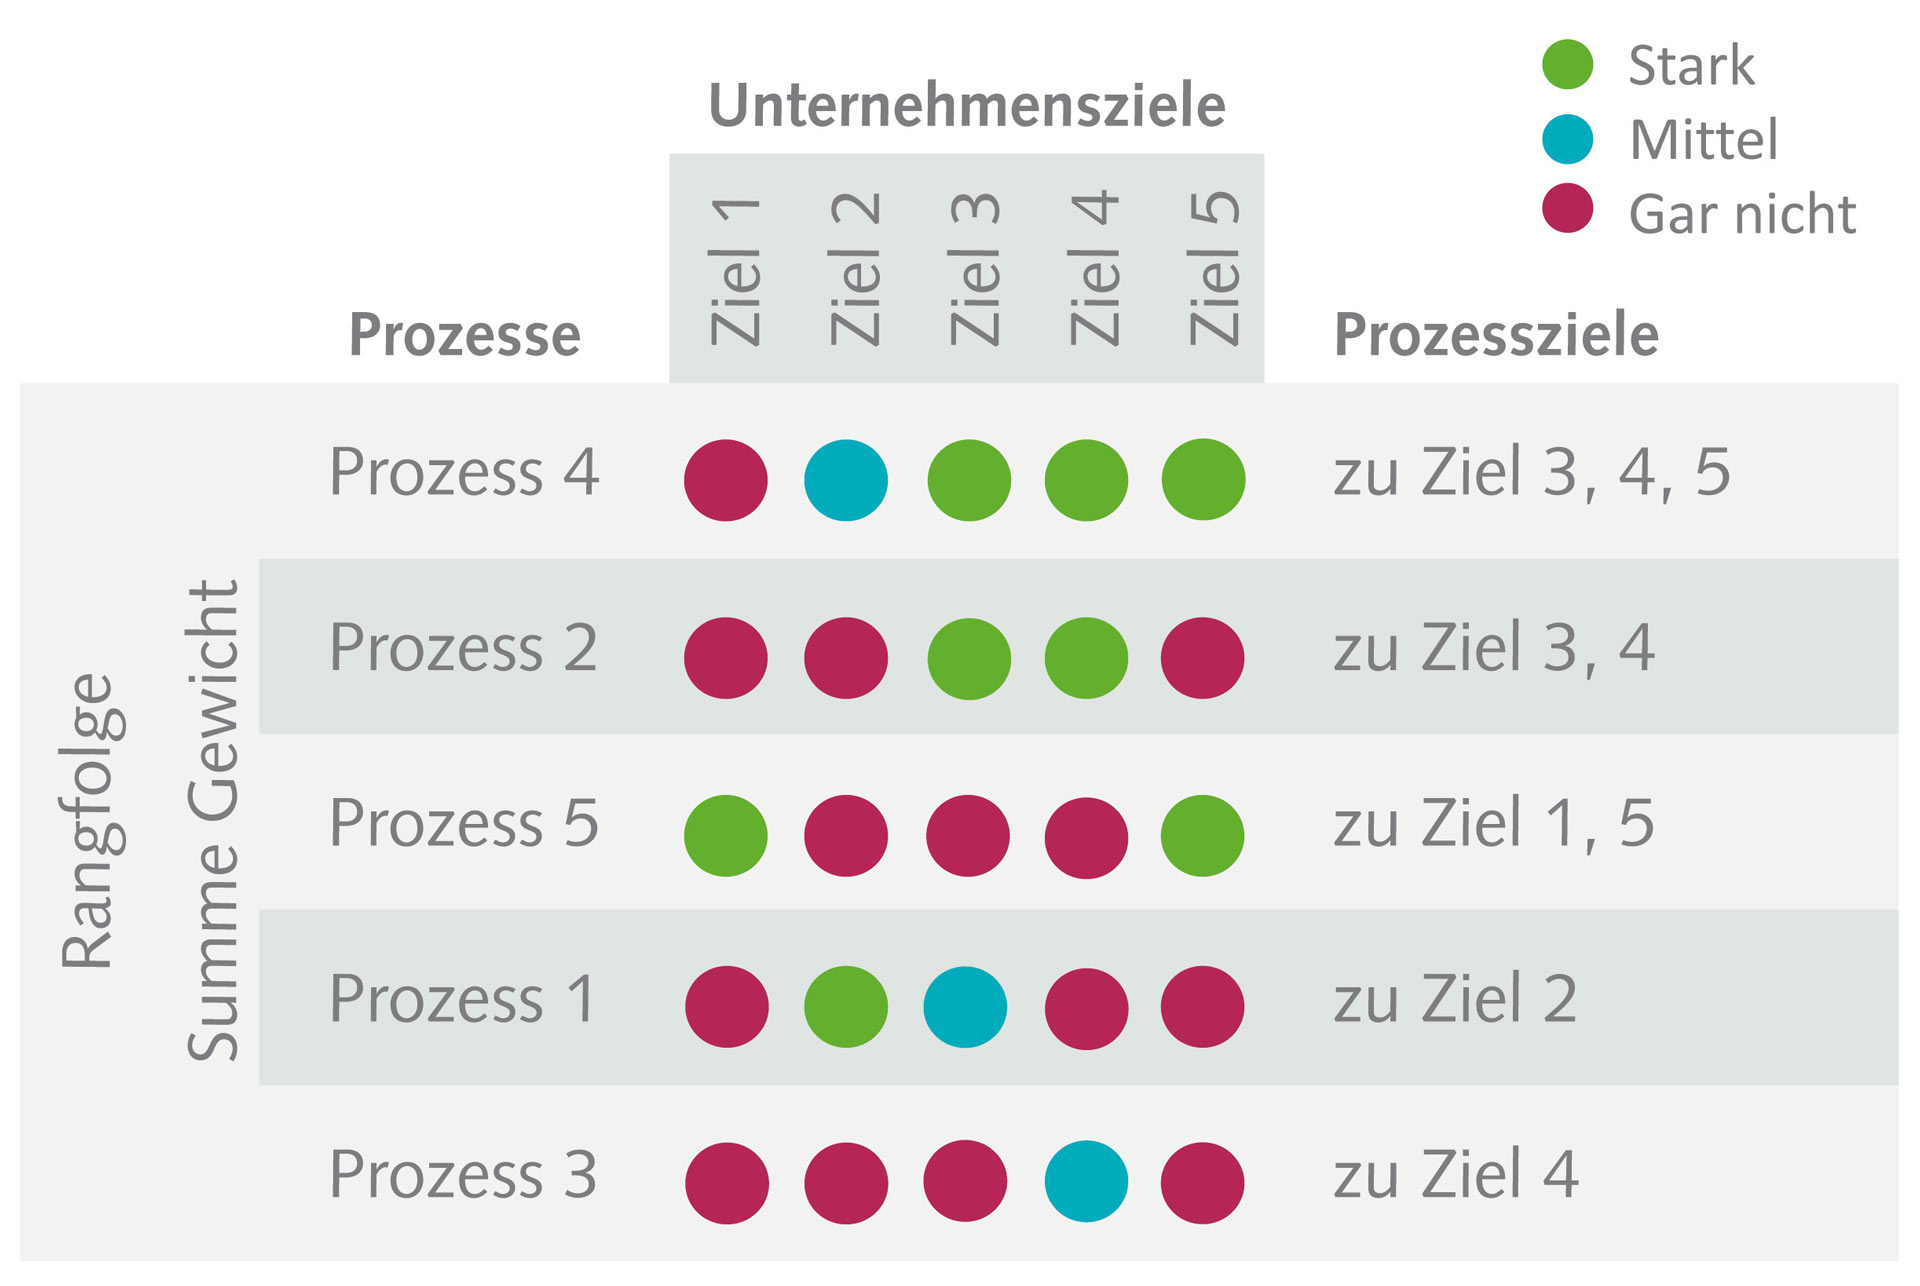 Prozesse definieren in einer Prozess-Ziel-Matrix